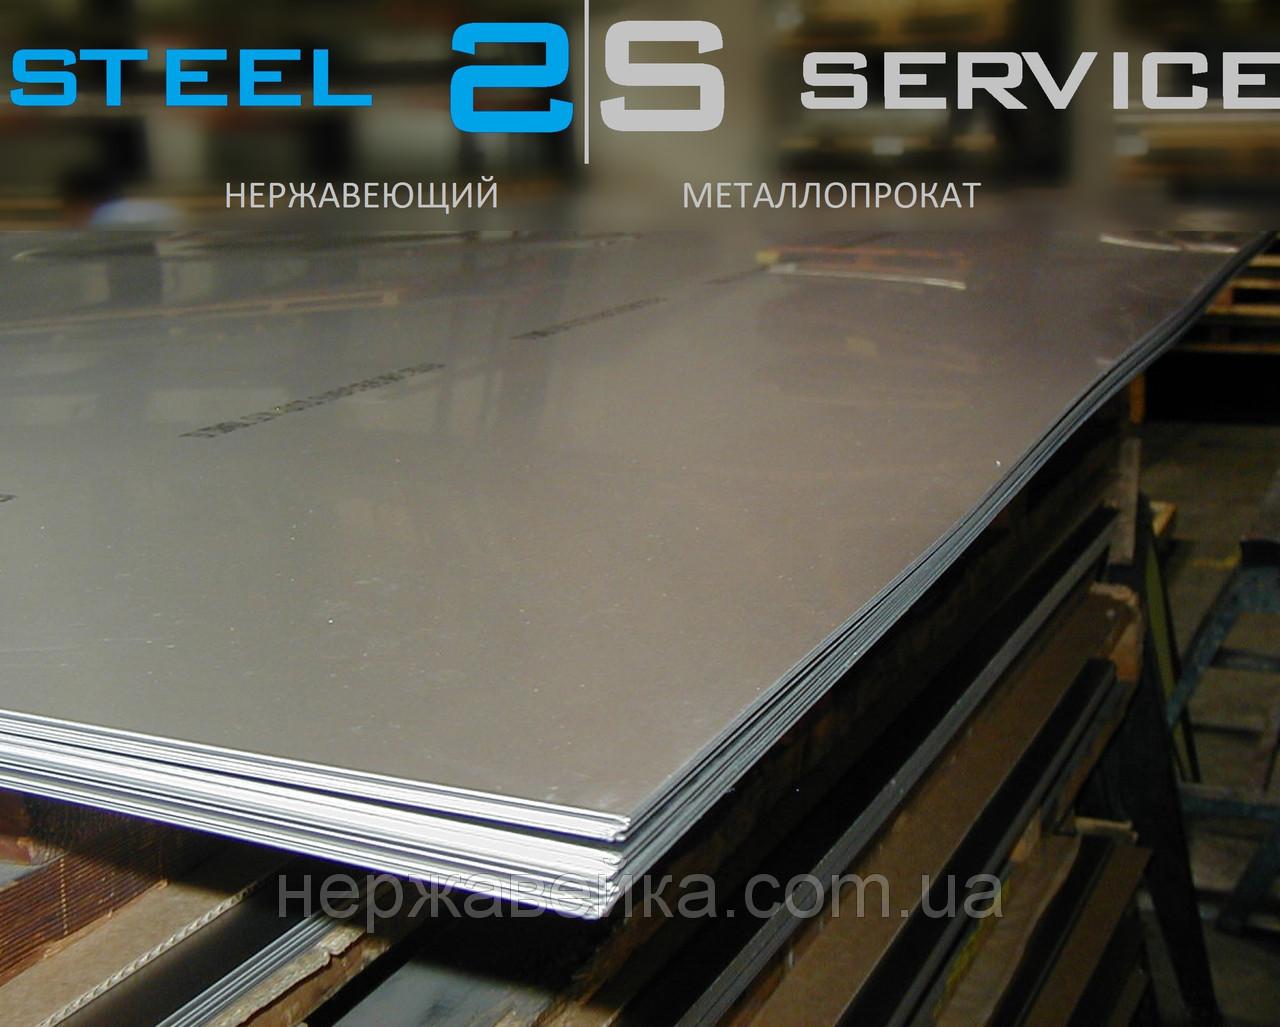 Нержавеющий лист 1х1000х2000мм AISI 310(20Х23Н18) 2B - матовый, жаропрочный